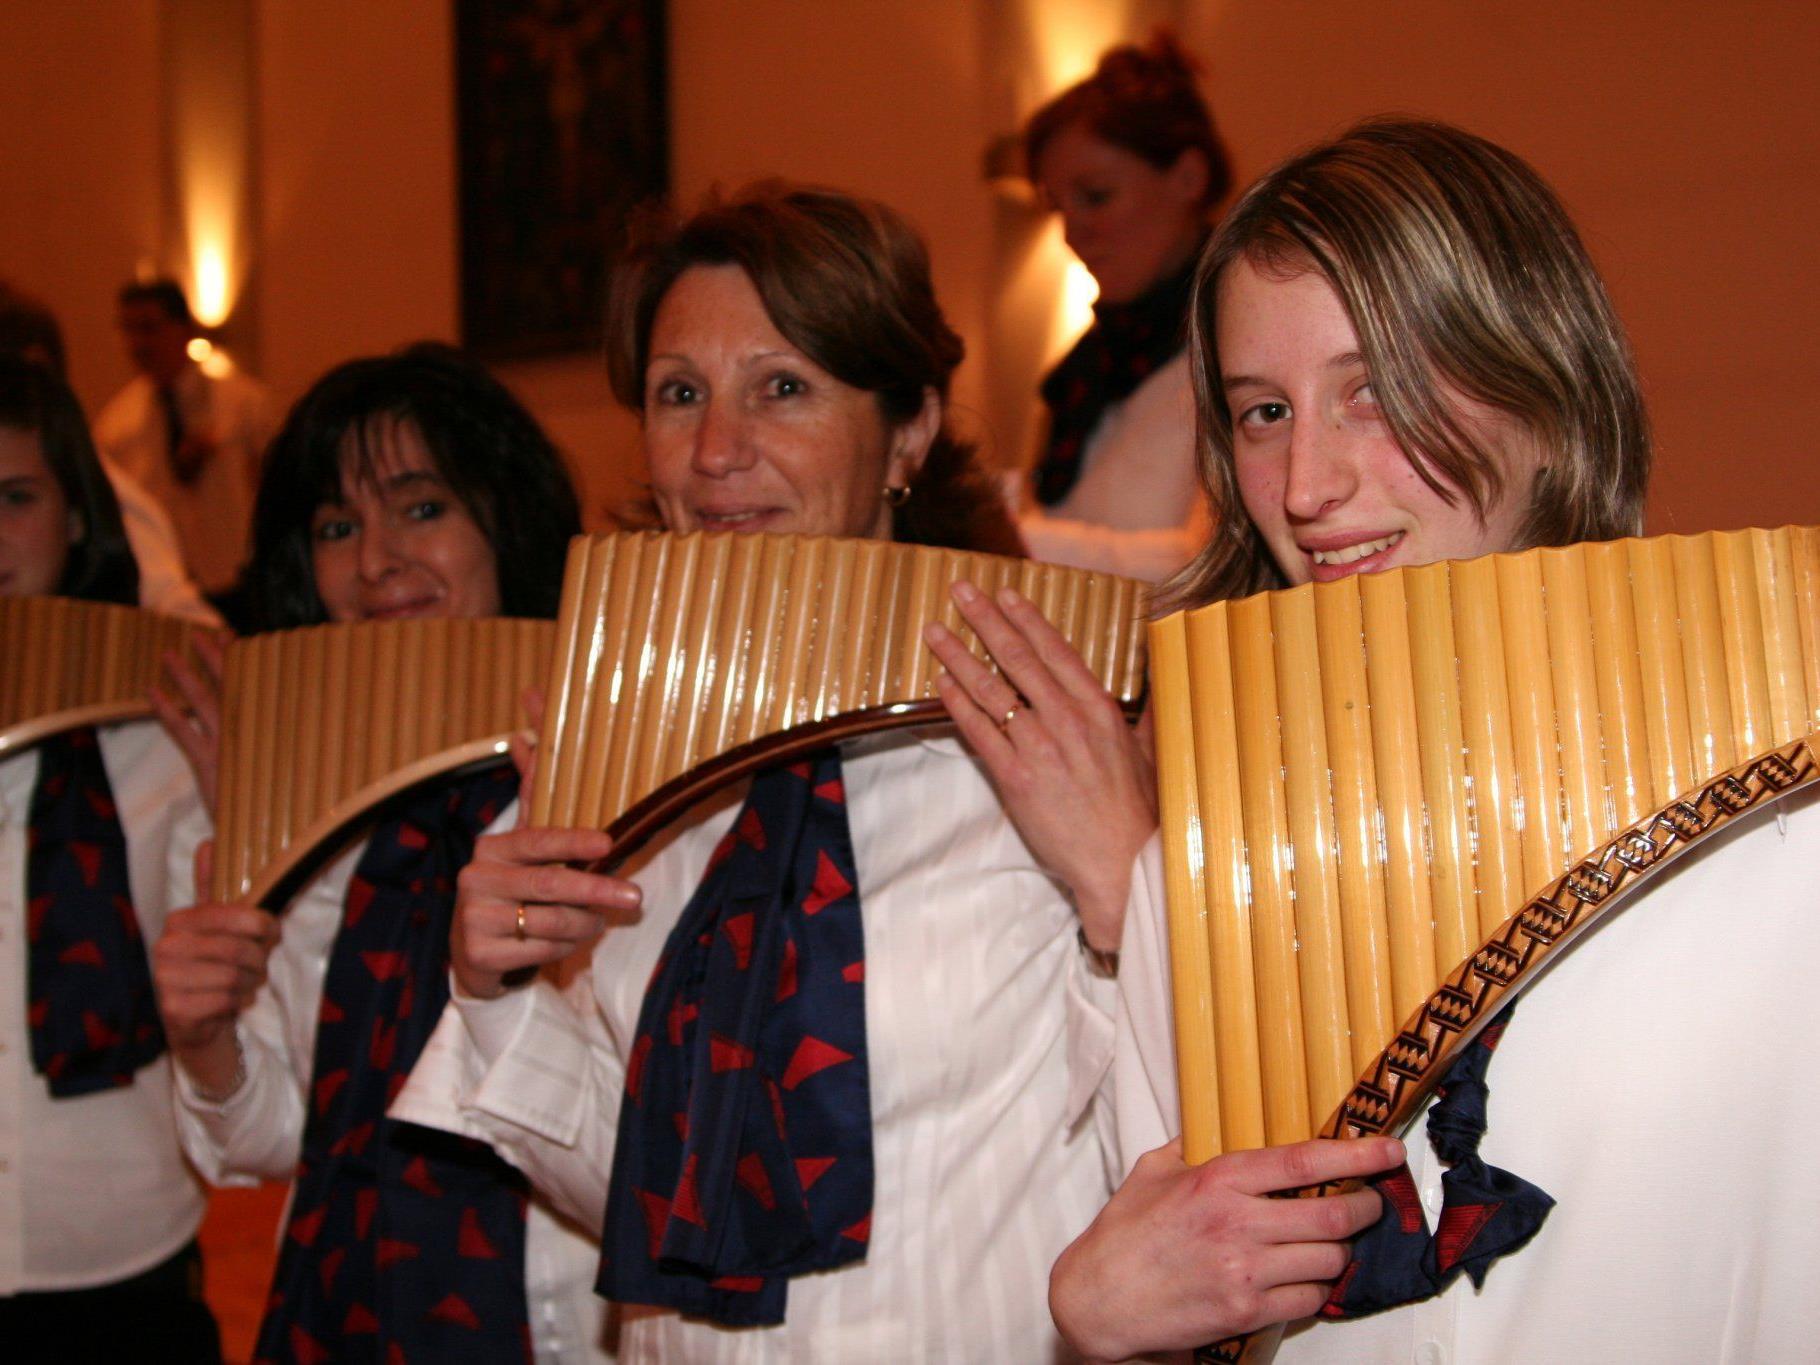 Die Gäste aus Liechtenstein geben ein Benefizkonzert in der Götzner Pfarrkirche